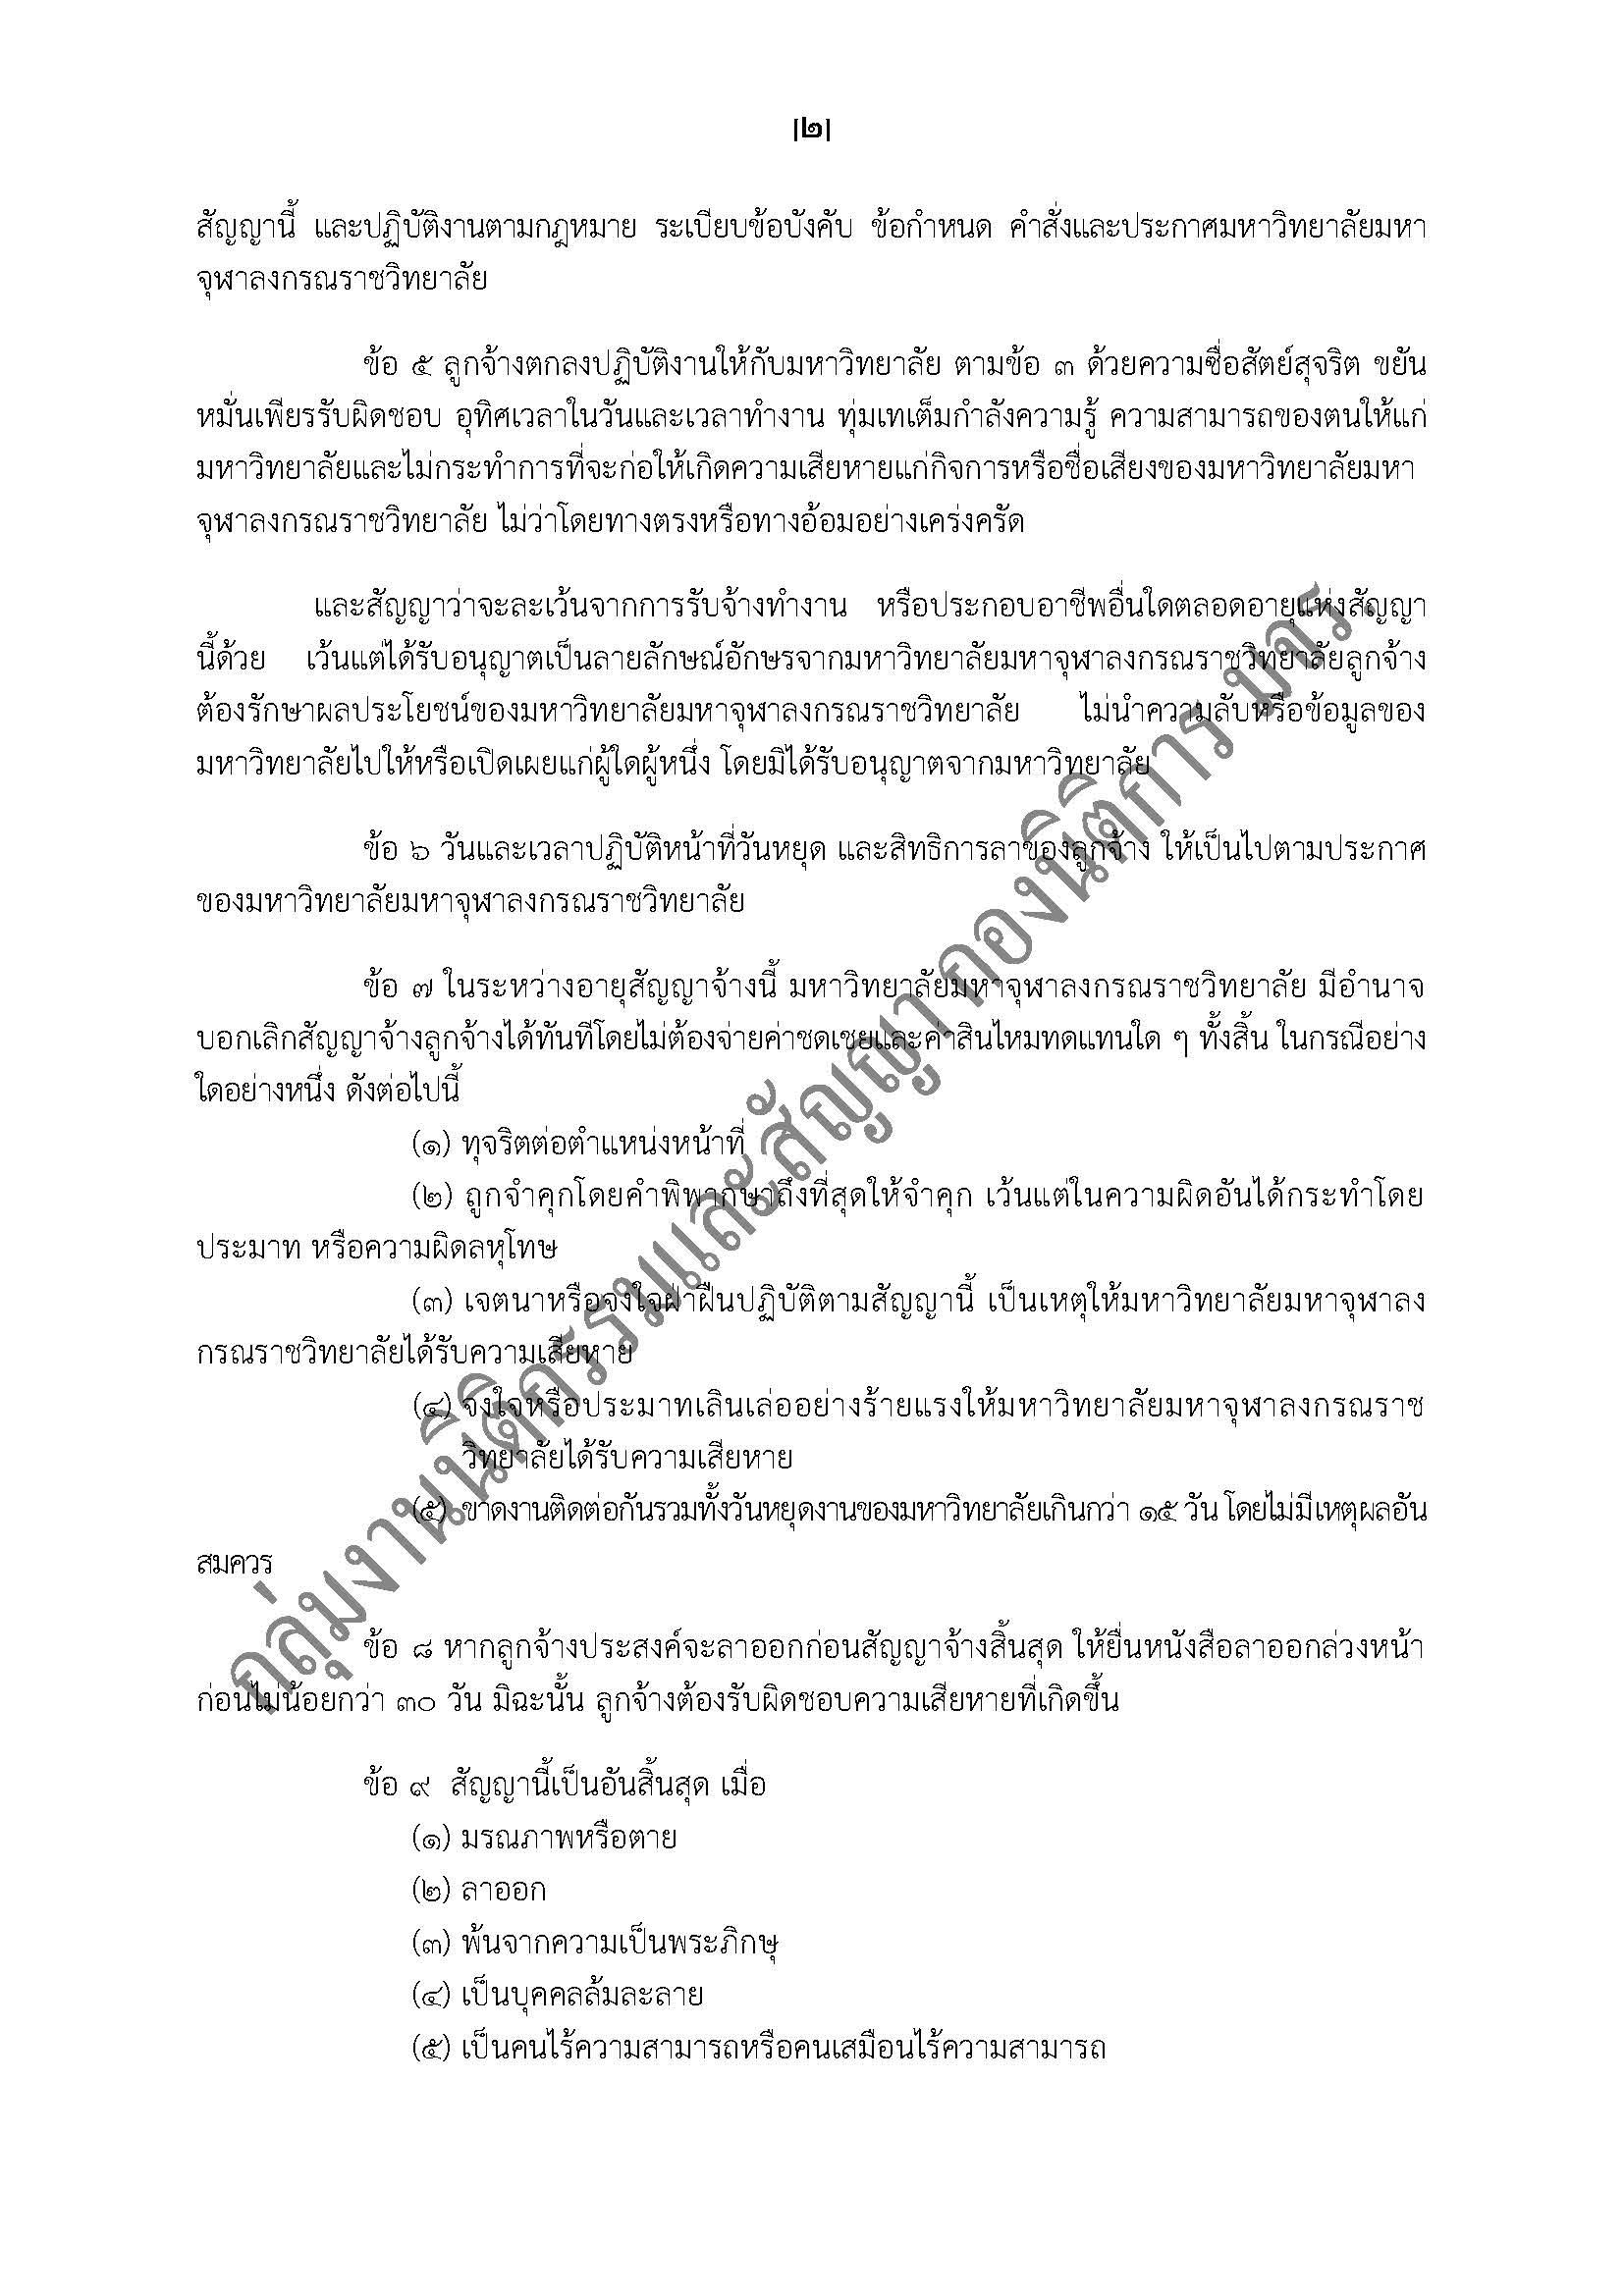 ตัวอย่างการกรอกสัญญาจ้างชั่วคราว บค 49_Page_2